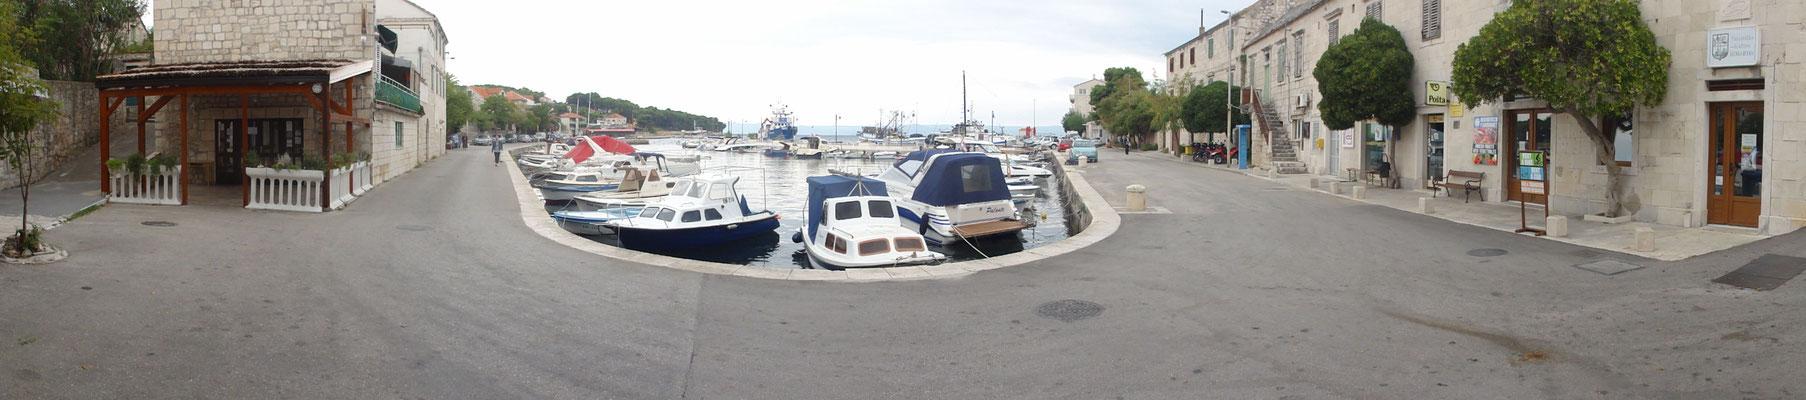 Hafen-Panorama von Sumartin